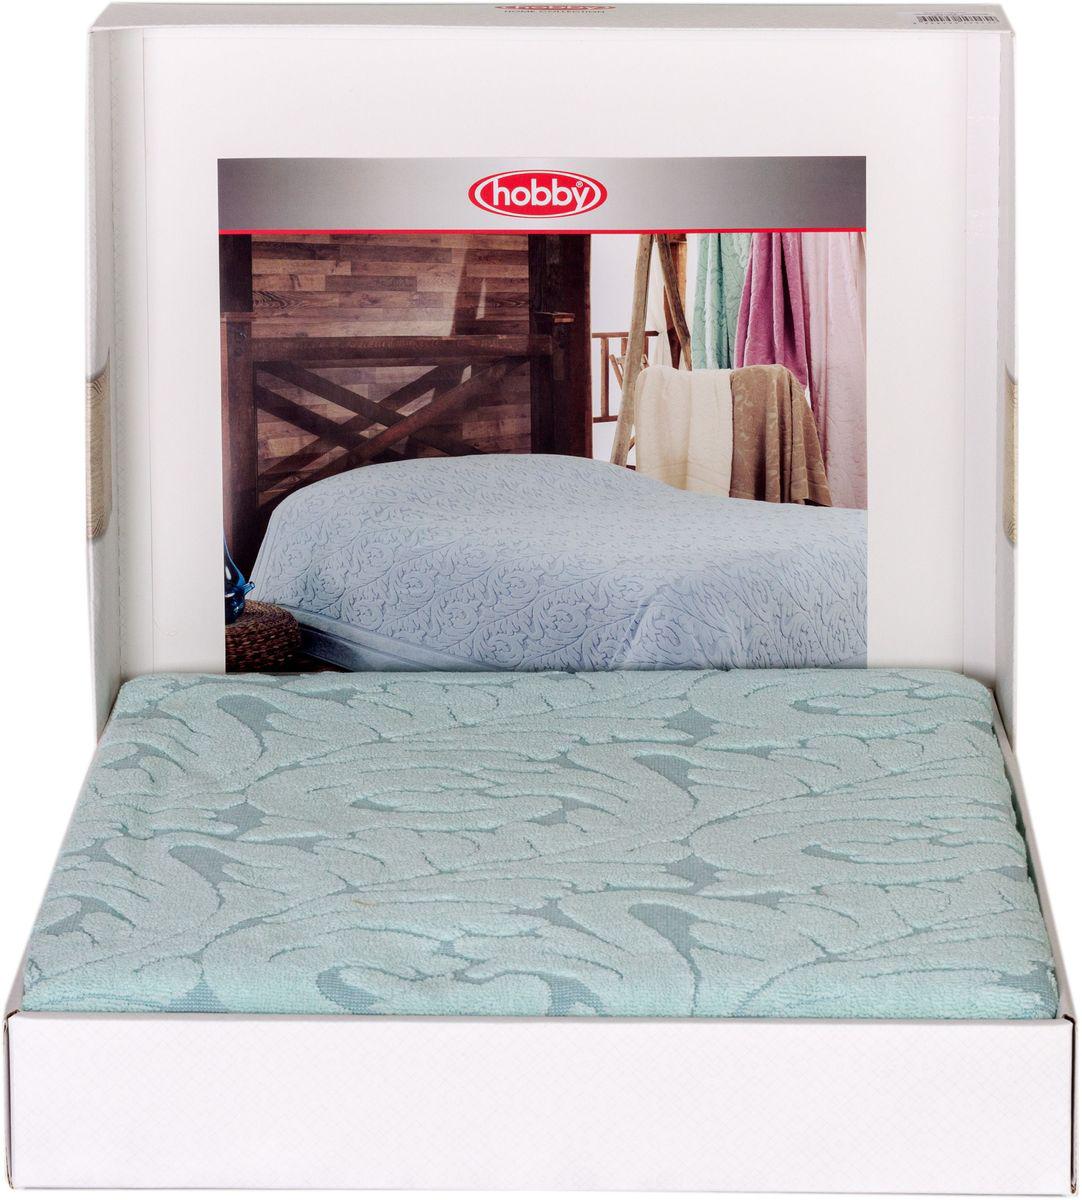 Покрывало Hobby Home Collection Sultan, цвет: ментоловый, 200 х 220 см1501001009Шикарное покрывало Hobby Home Collection Sultan изготовлено из 100% хлопка высшей категории. Оно обладает замечательными дышащими свойствами и будет хорошо смотреться как на диване, так и на большой кровати. Данное покрывало можно также использовать в качестве одеяла.